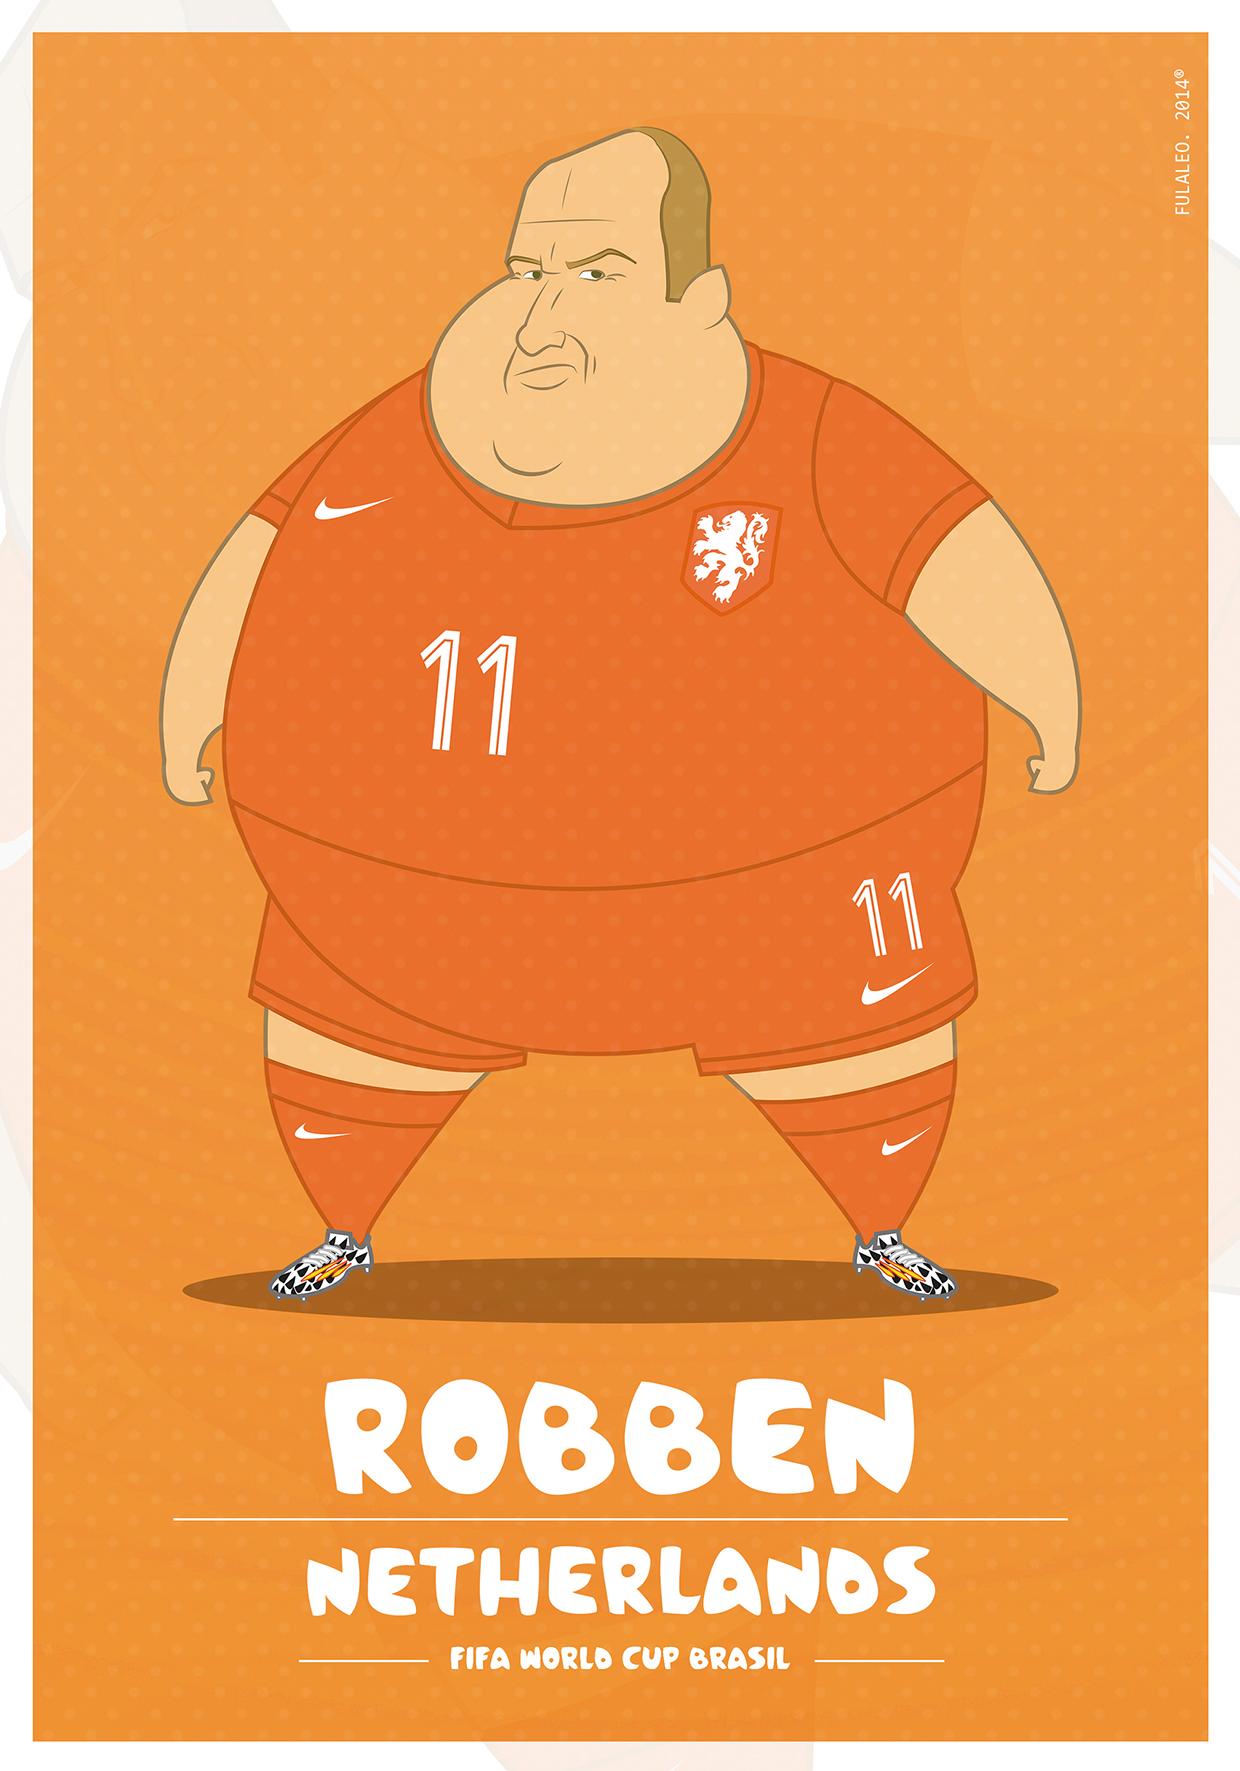 Толстые футболисты чемпионата мира в Бразилии 12